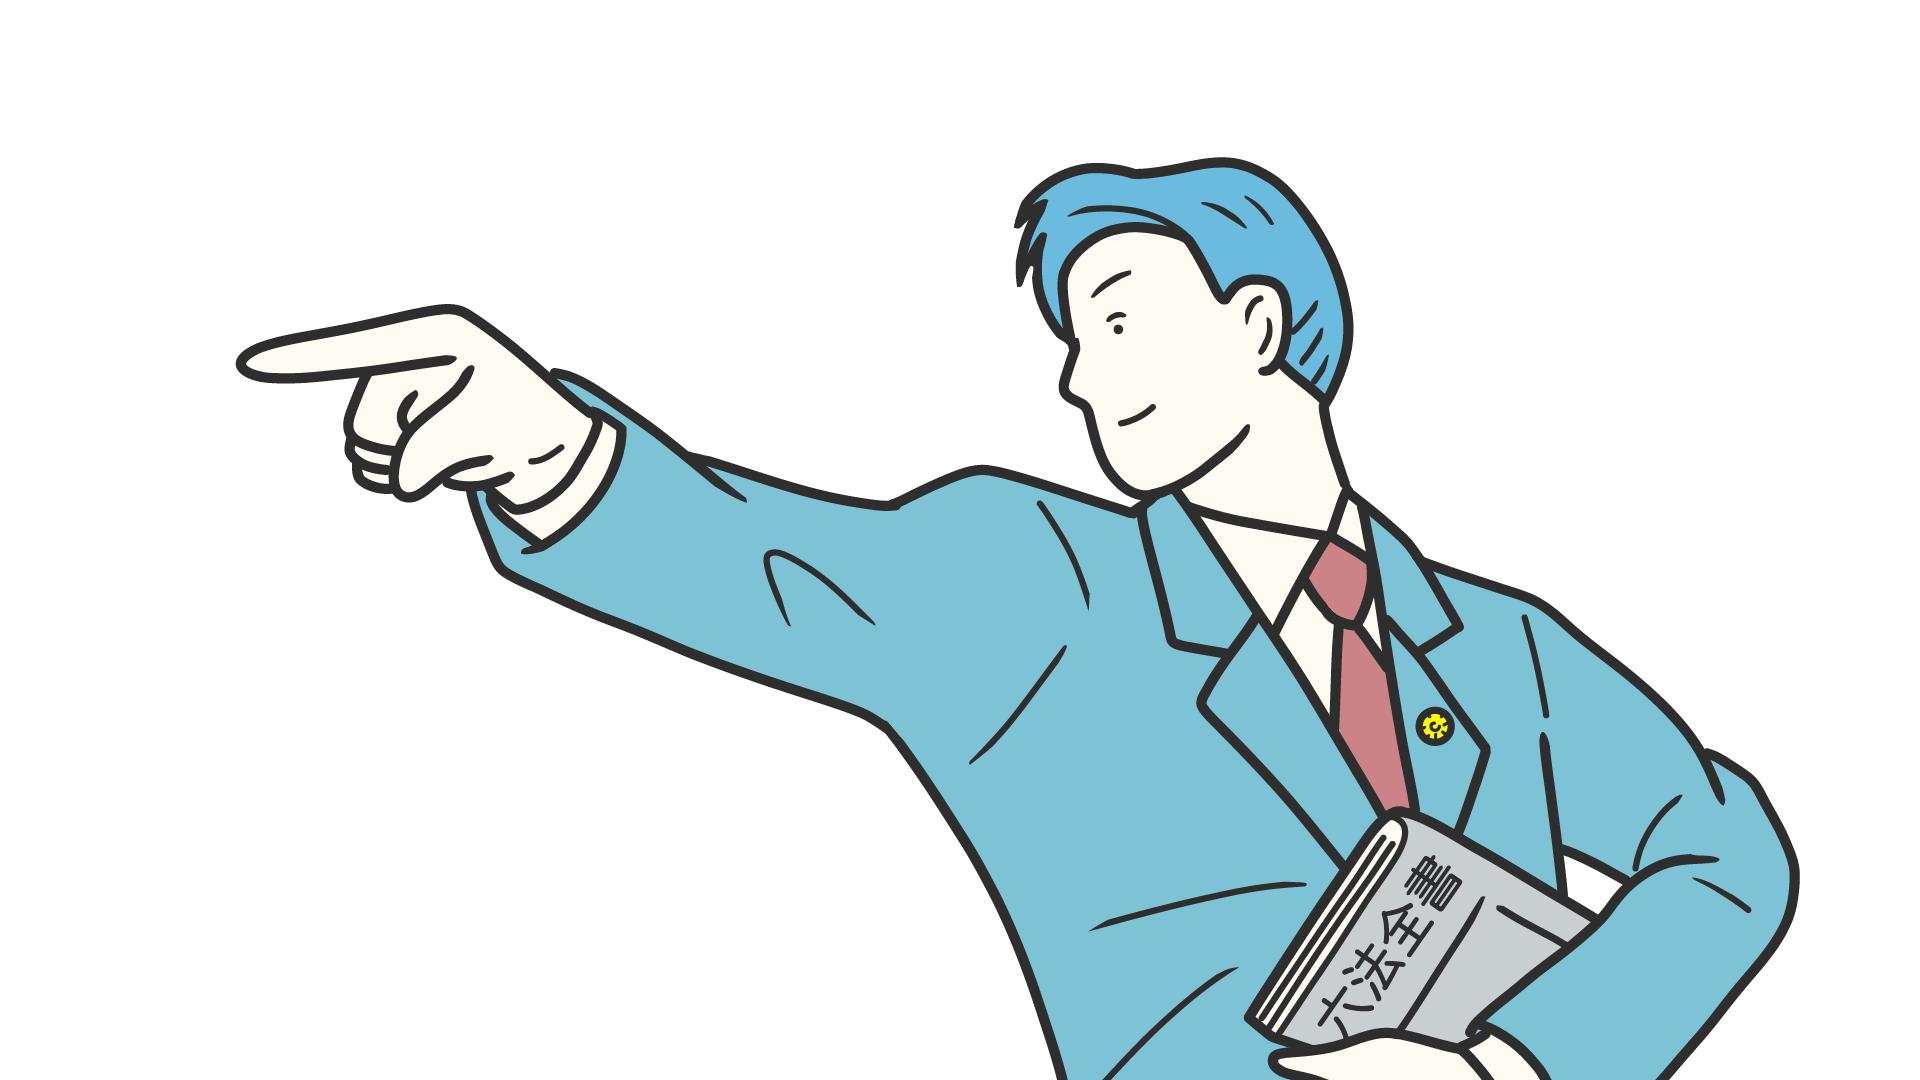 【 面倒な雑務を辞めたら収入が上がった 】フリーランスなら契約書の作成に時間なんてかけるな!